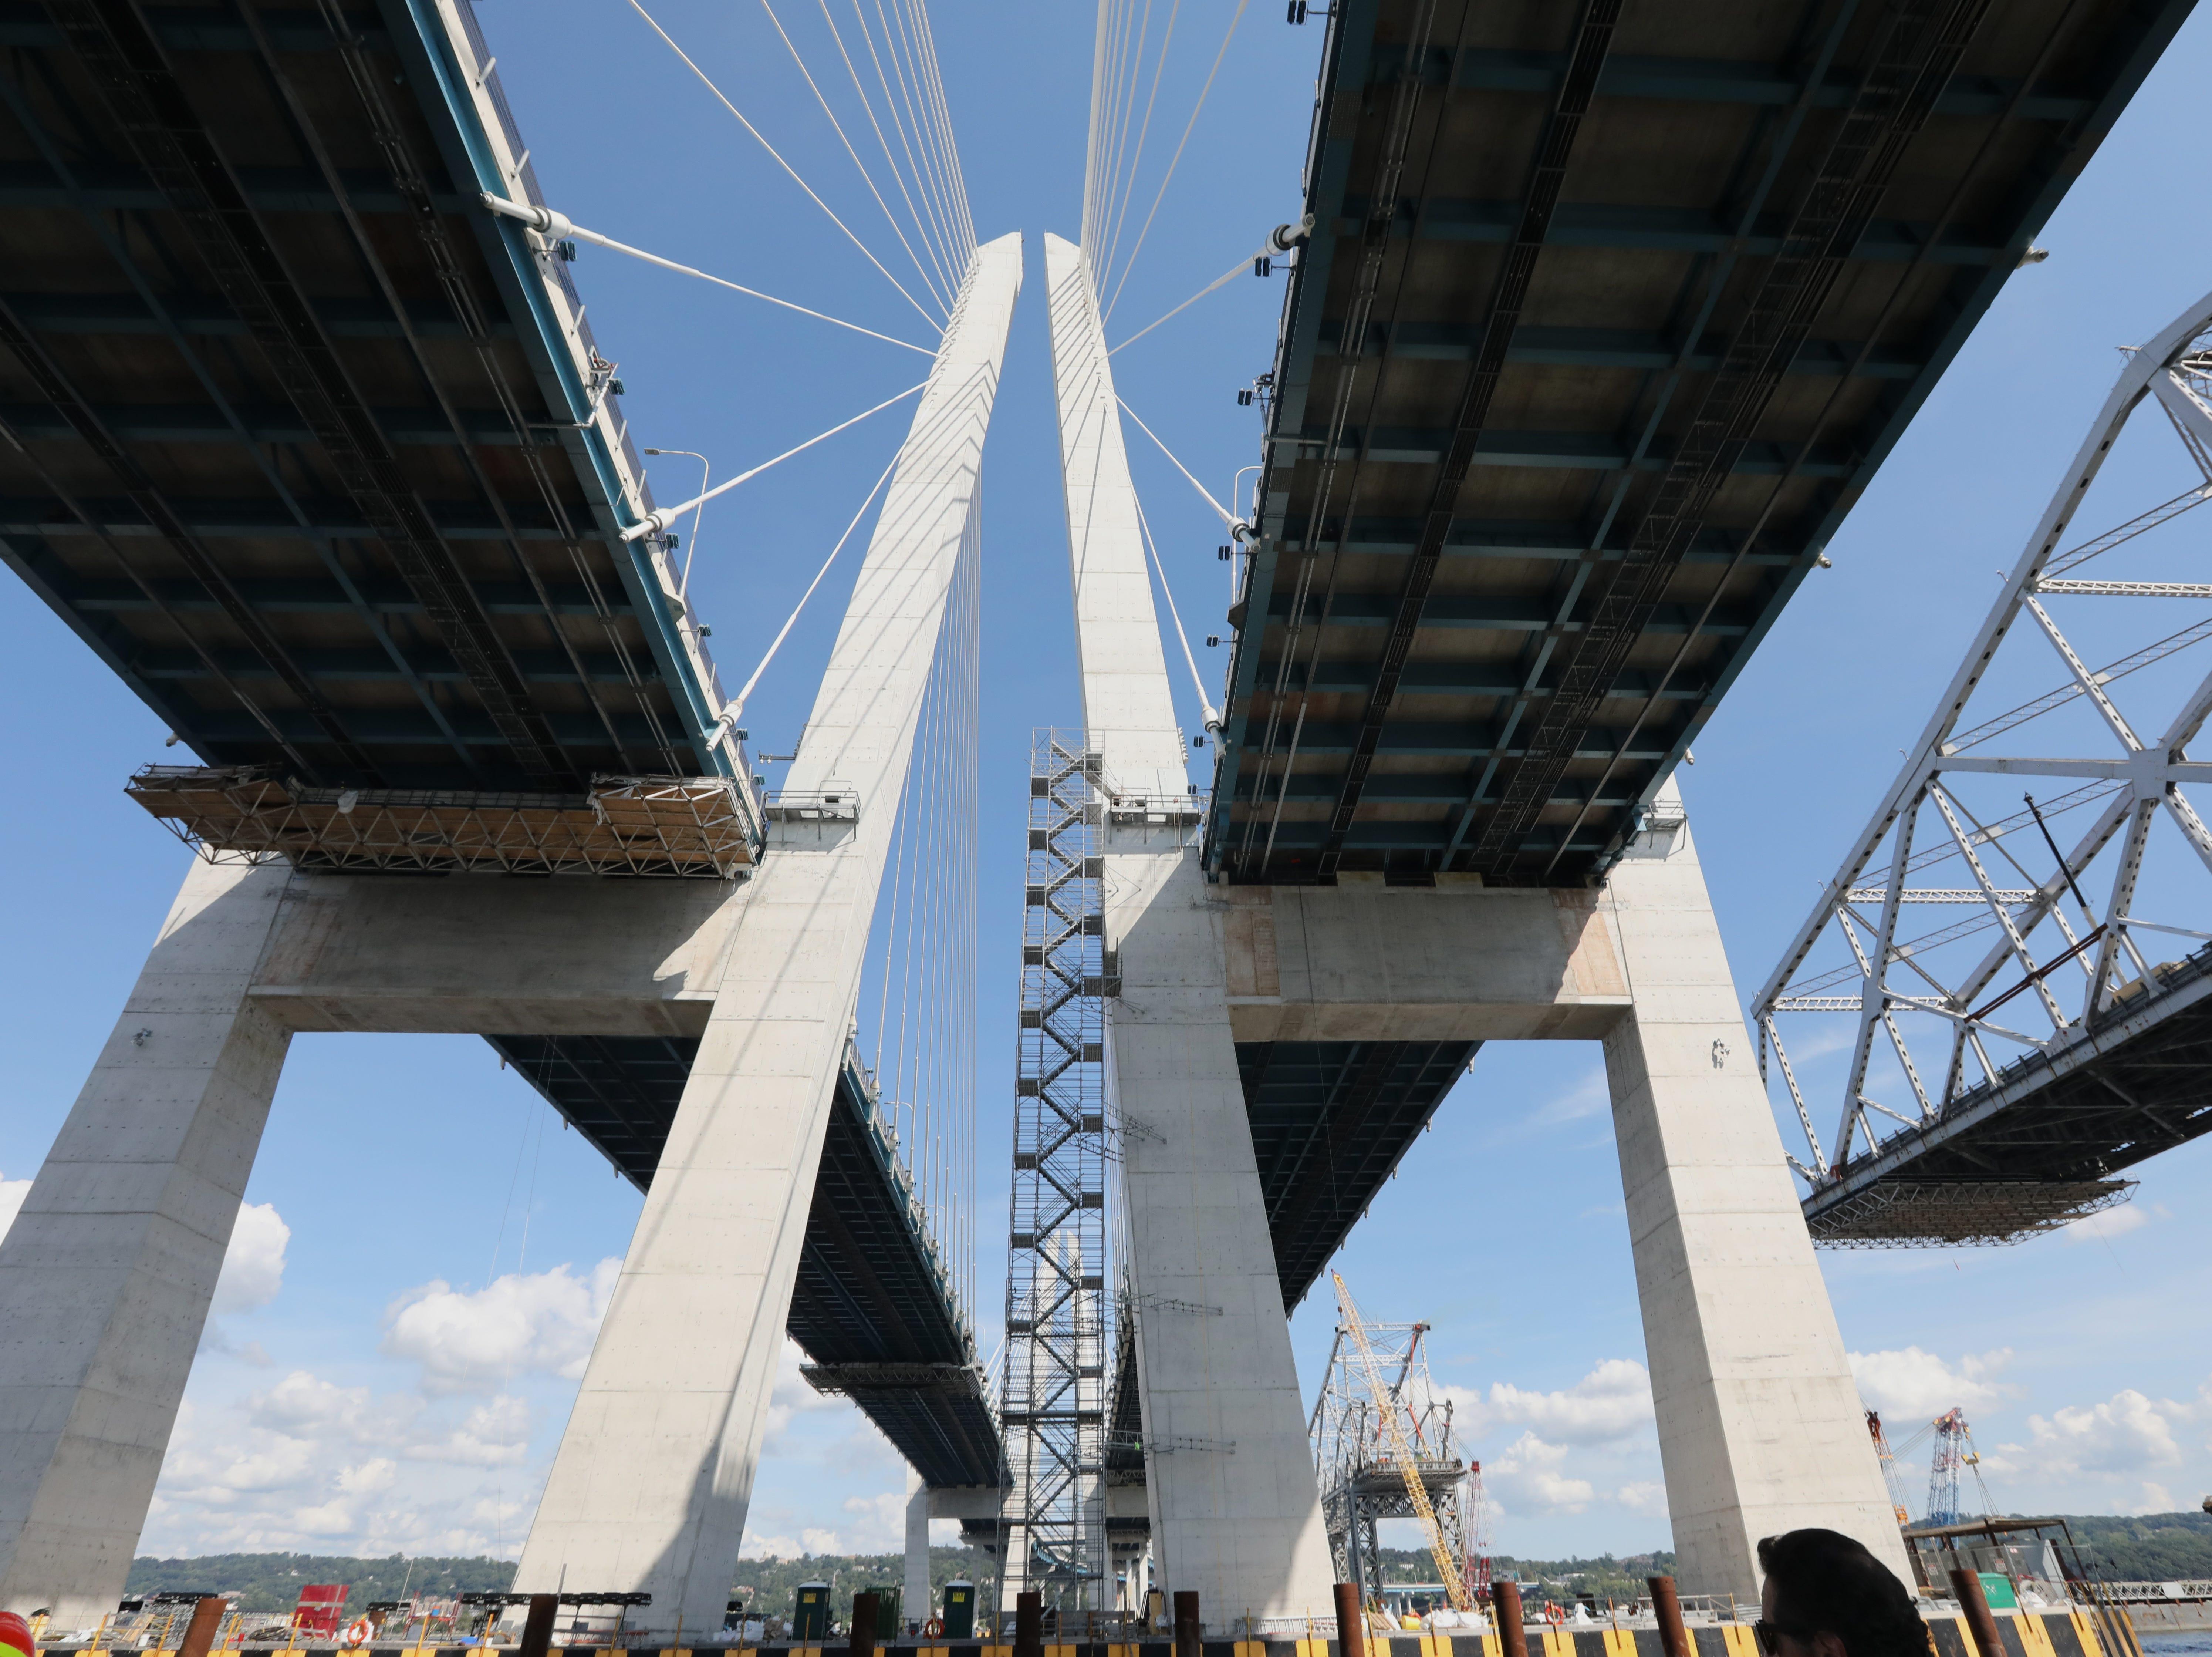 Under the Gov. Mario Cuomo Bridge Sept. 4, 2018.